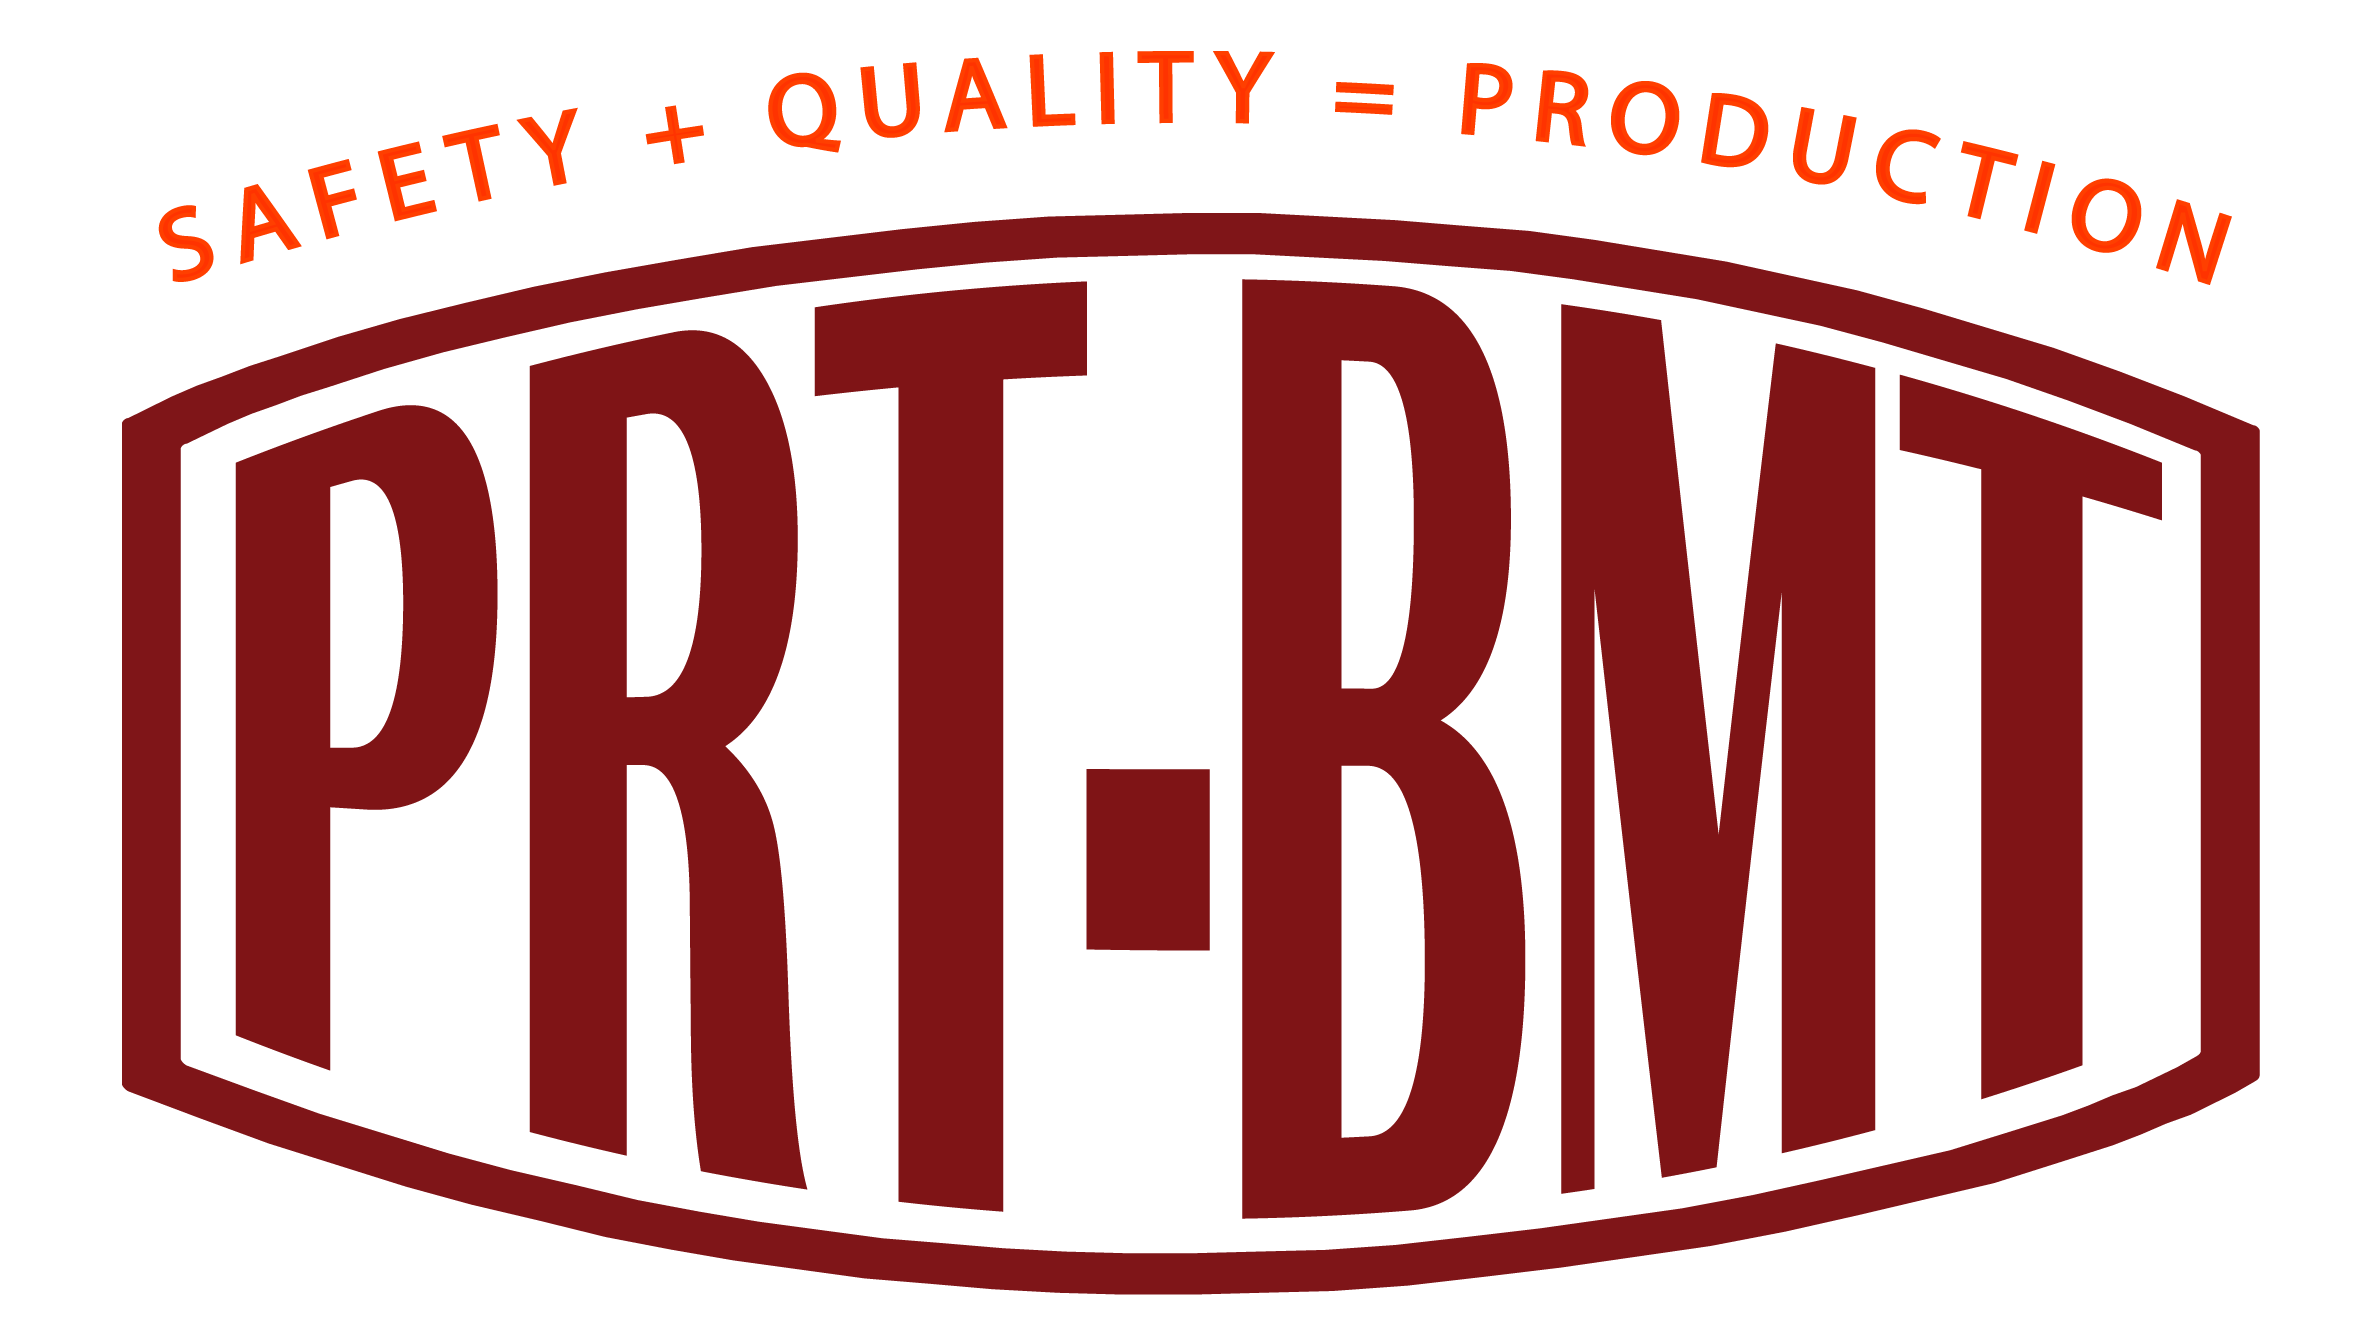 PRT-BMT